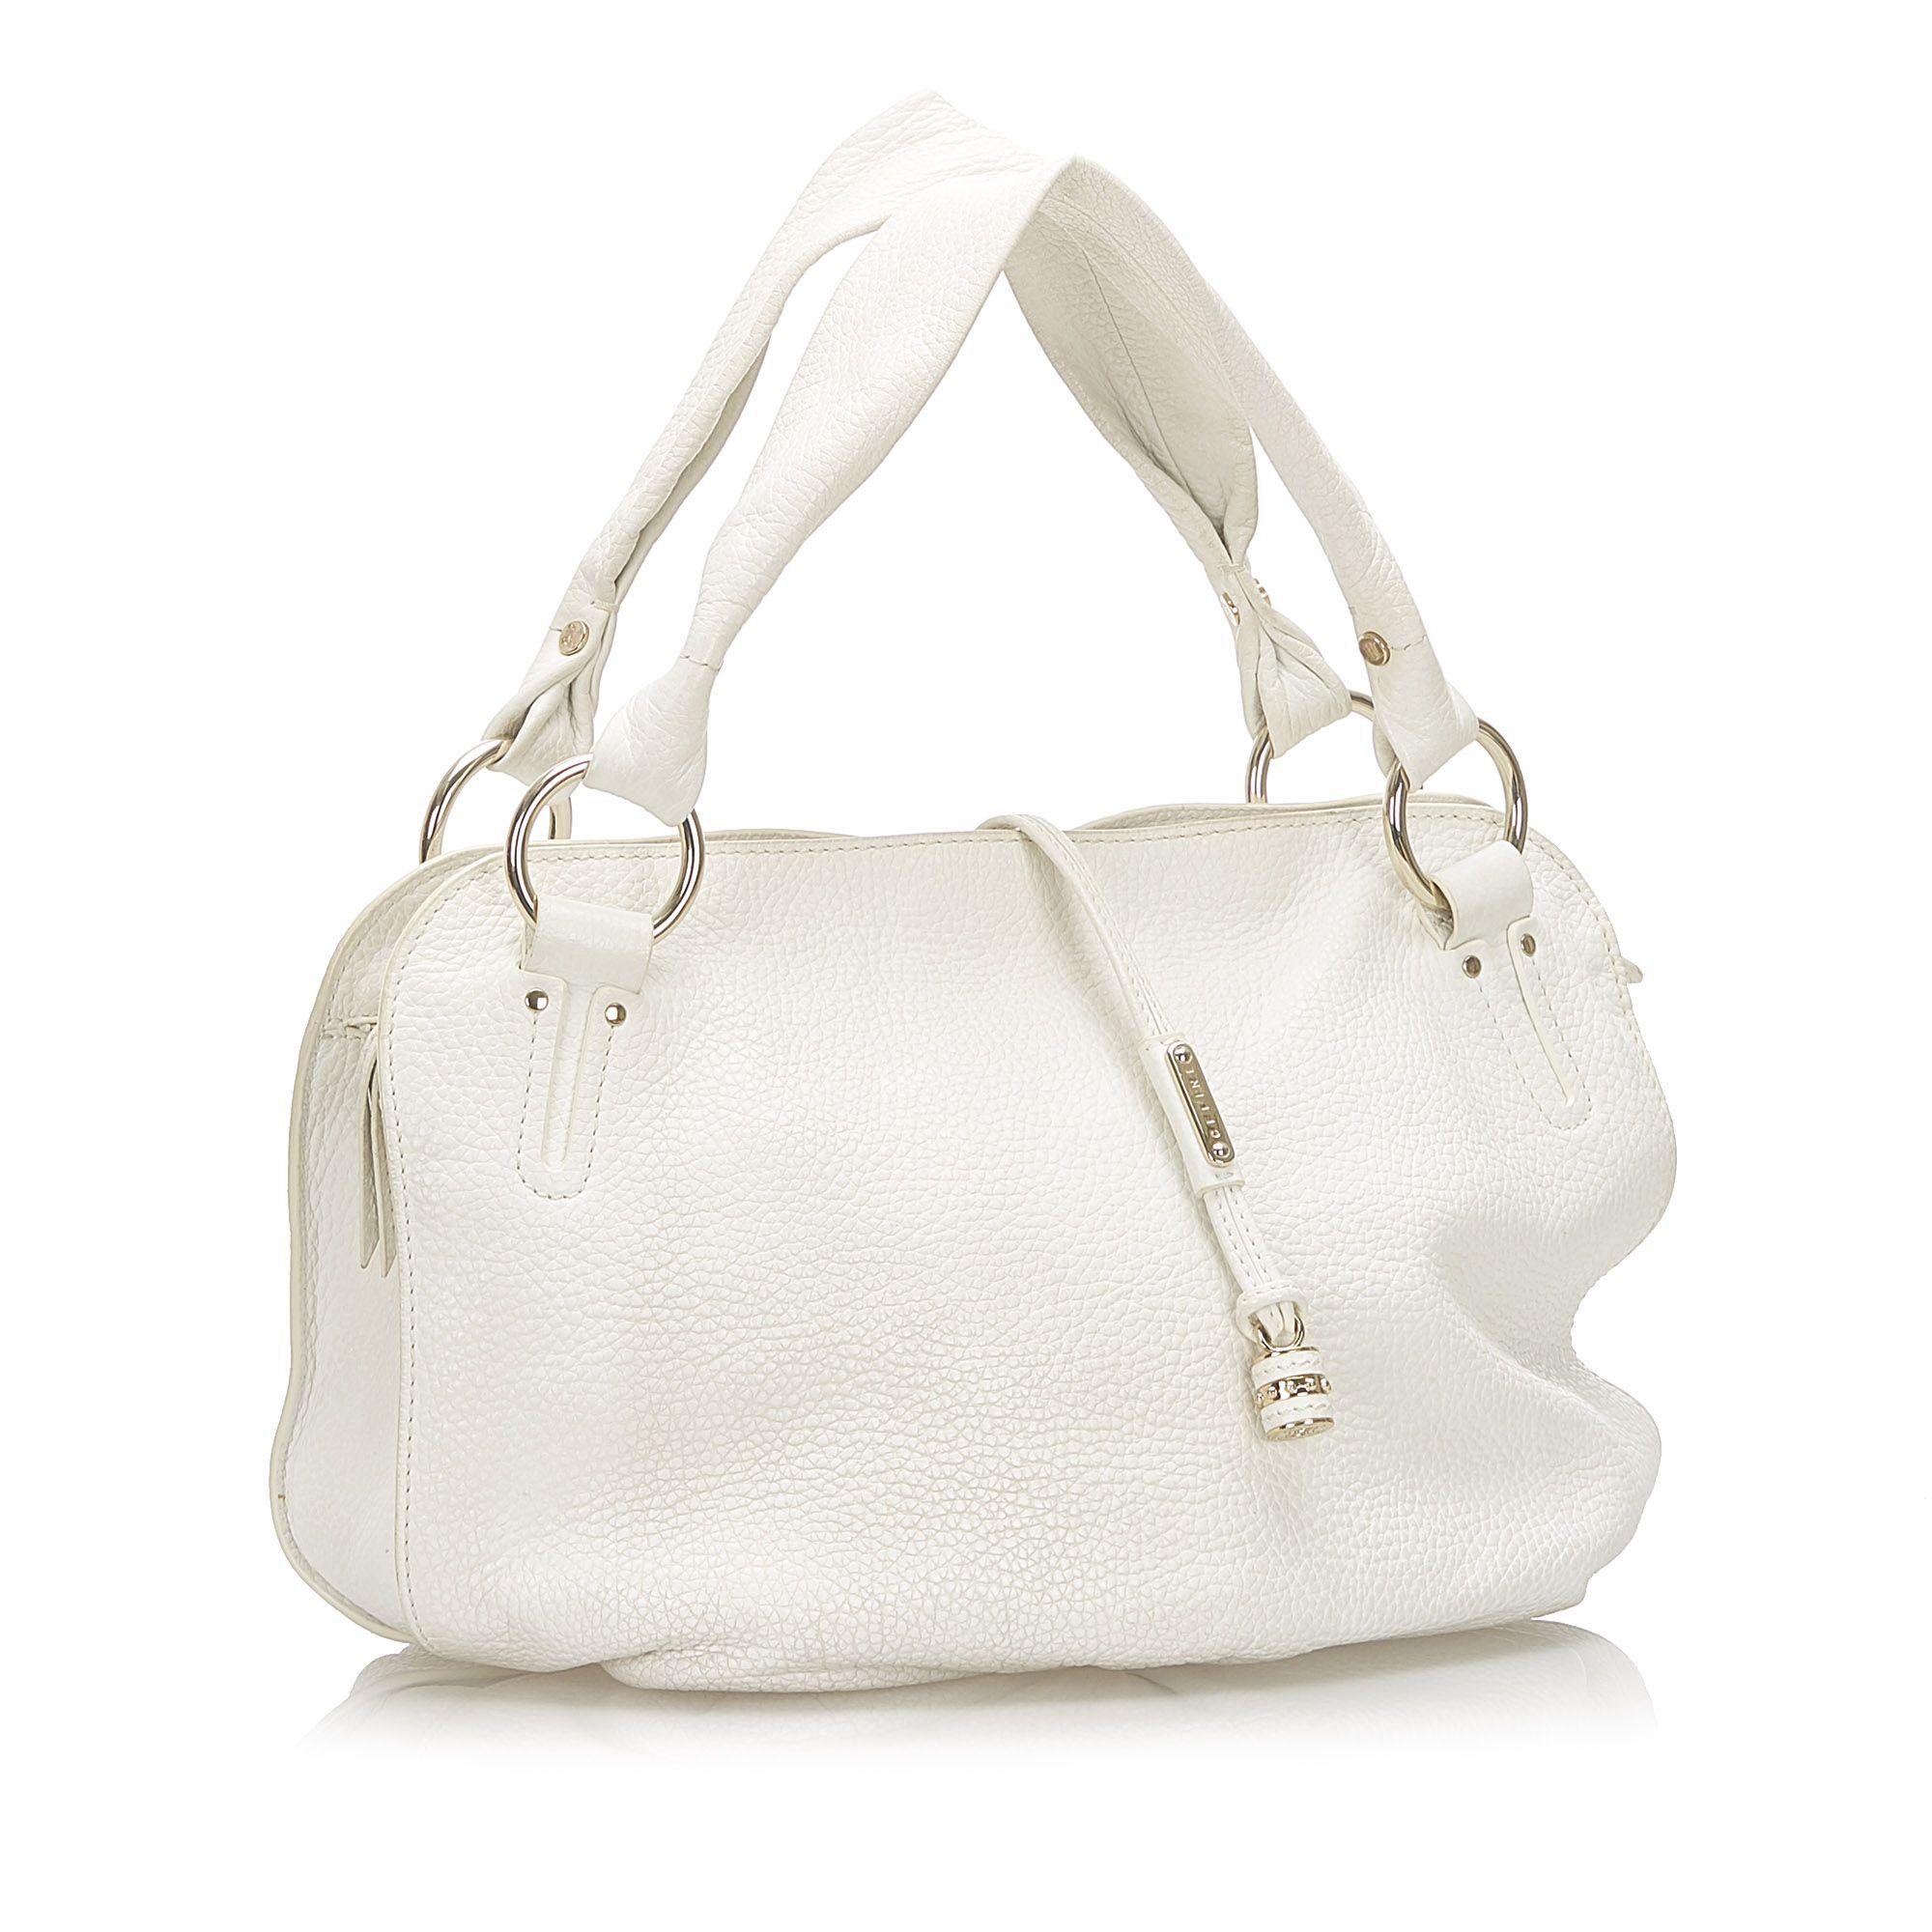 Vintage Celine Bittersweet Leather Shoulder Bag White